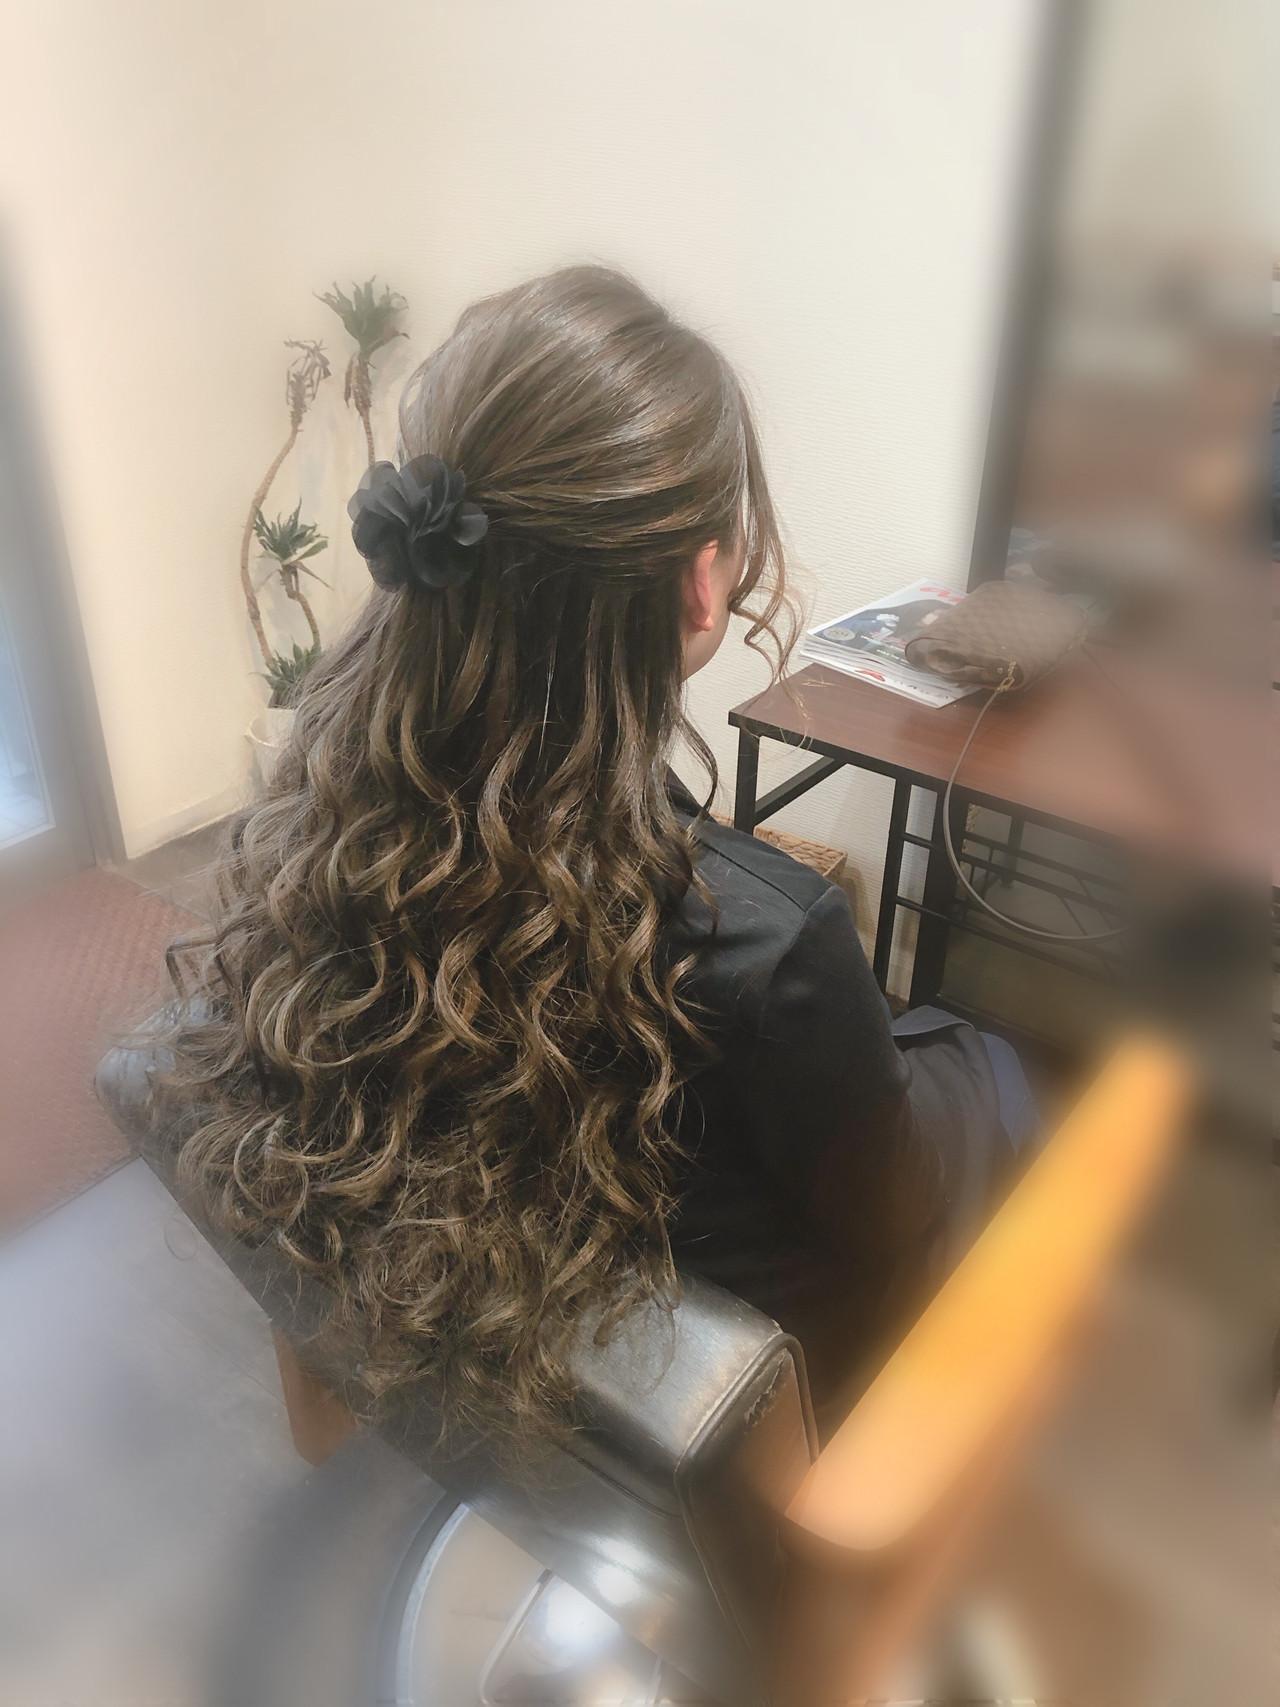 ロング ハーフアップ 結婚式 フェミニン ヘアスタイルや髪型の写真・画像 | mai / HAIR SALON STELLA